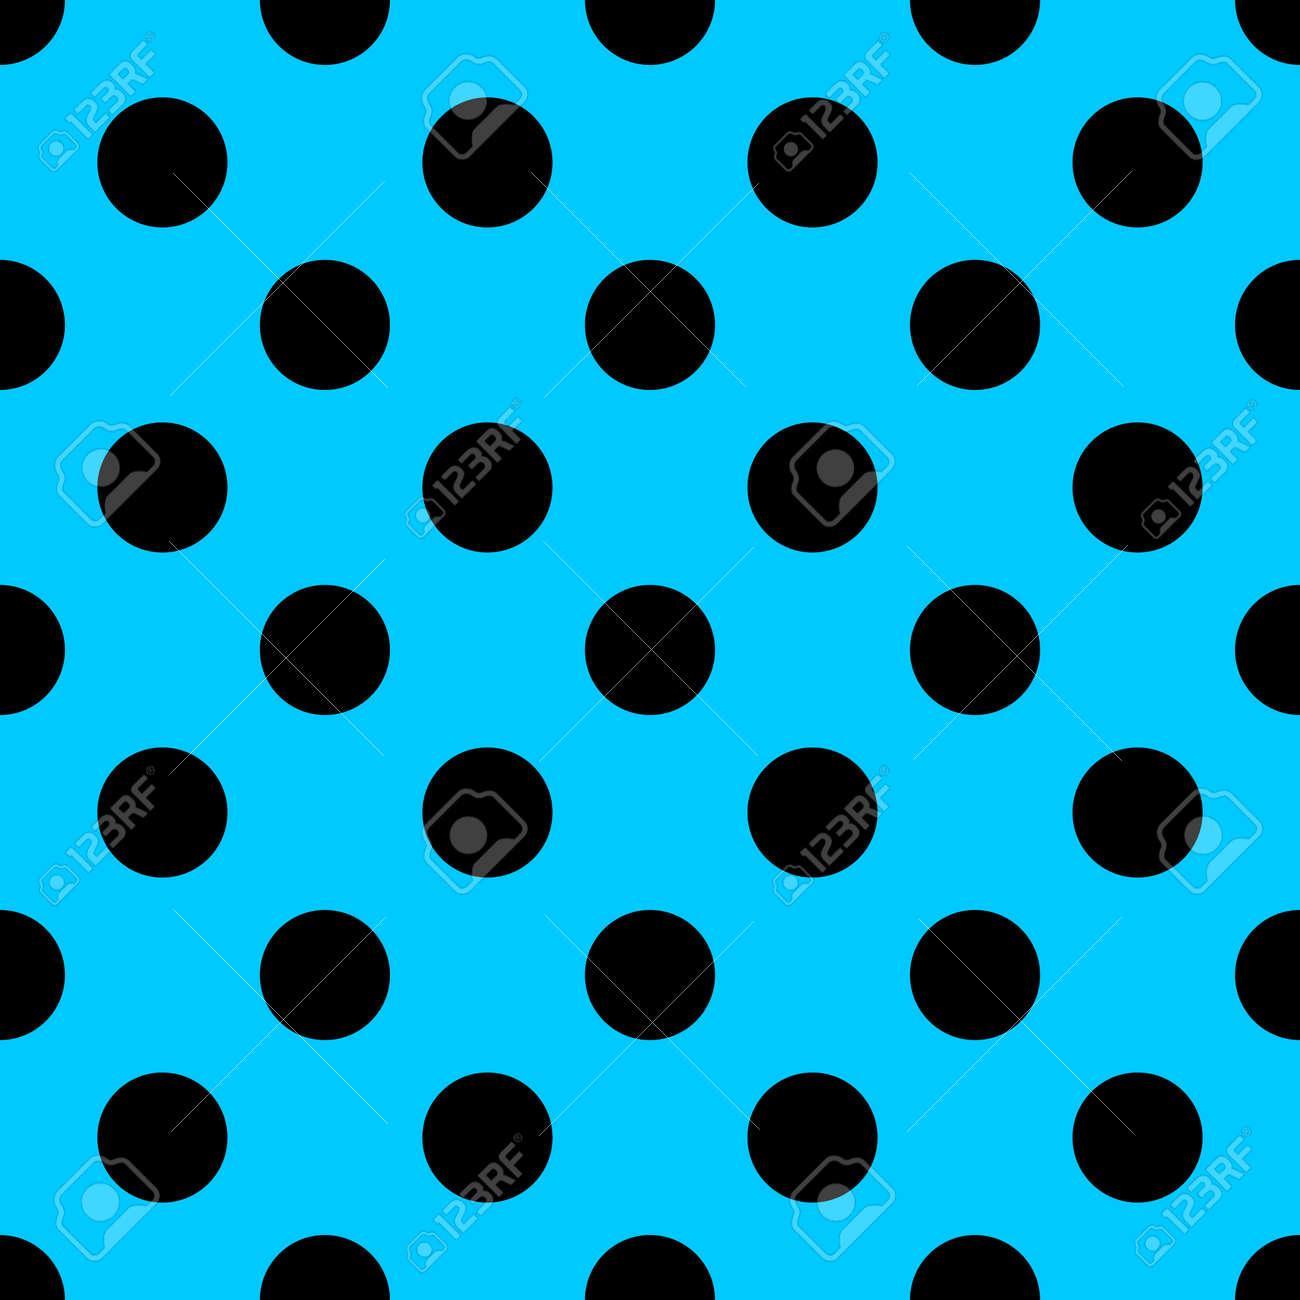 Big Polka Dot Nahtlose Muster. Abstrakte Mode Blaue Und Schwarze ...